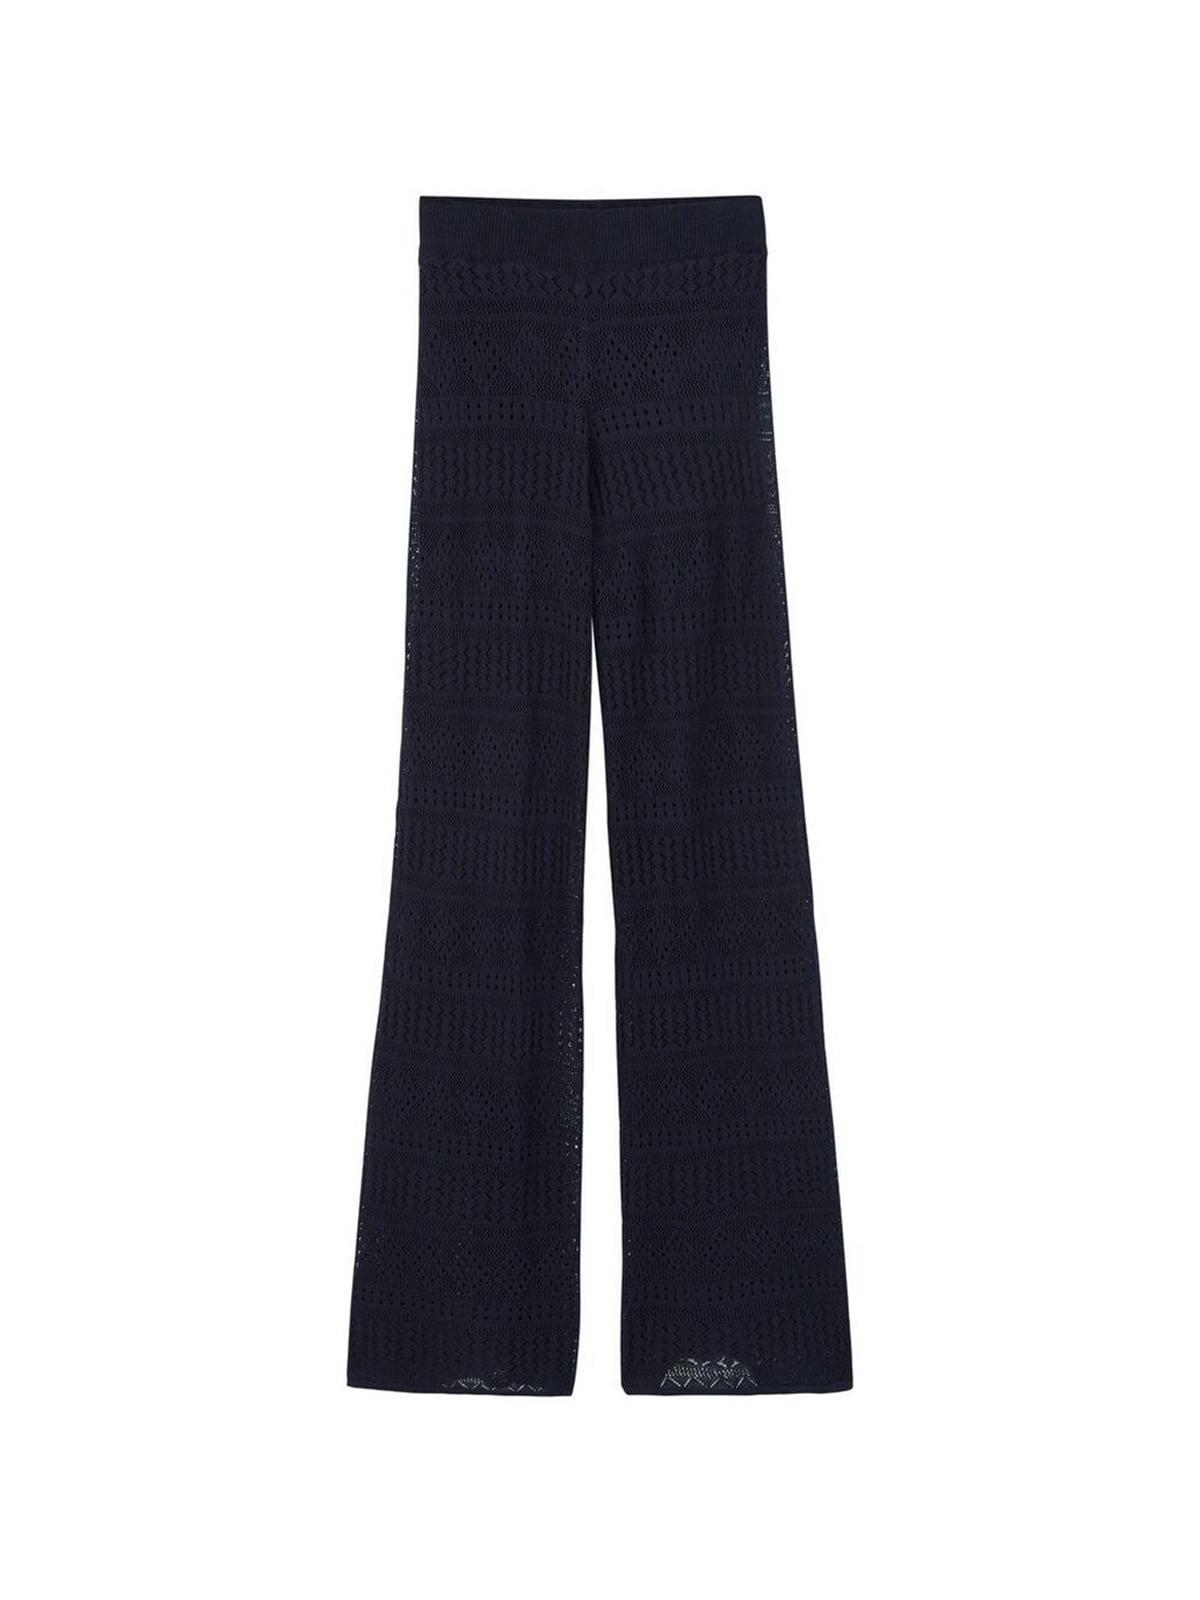 Штани сині з візерунком | 5660023